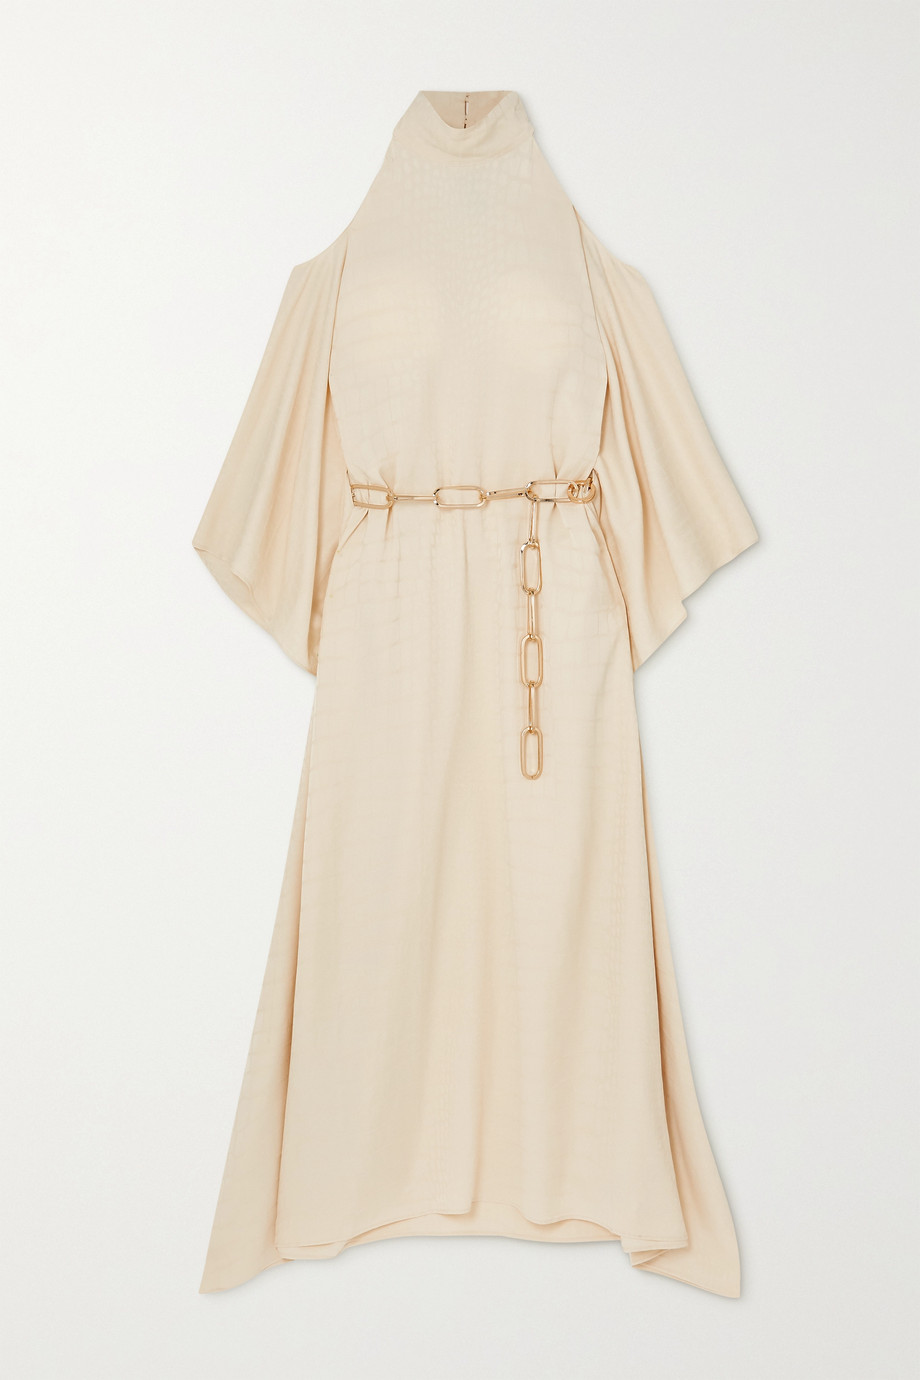 Taller Marmo La Divina cold-shoulder belted satin-jacquard maxi dress